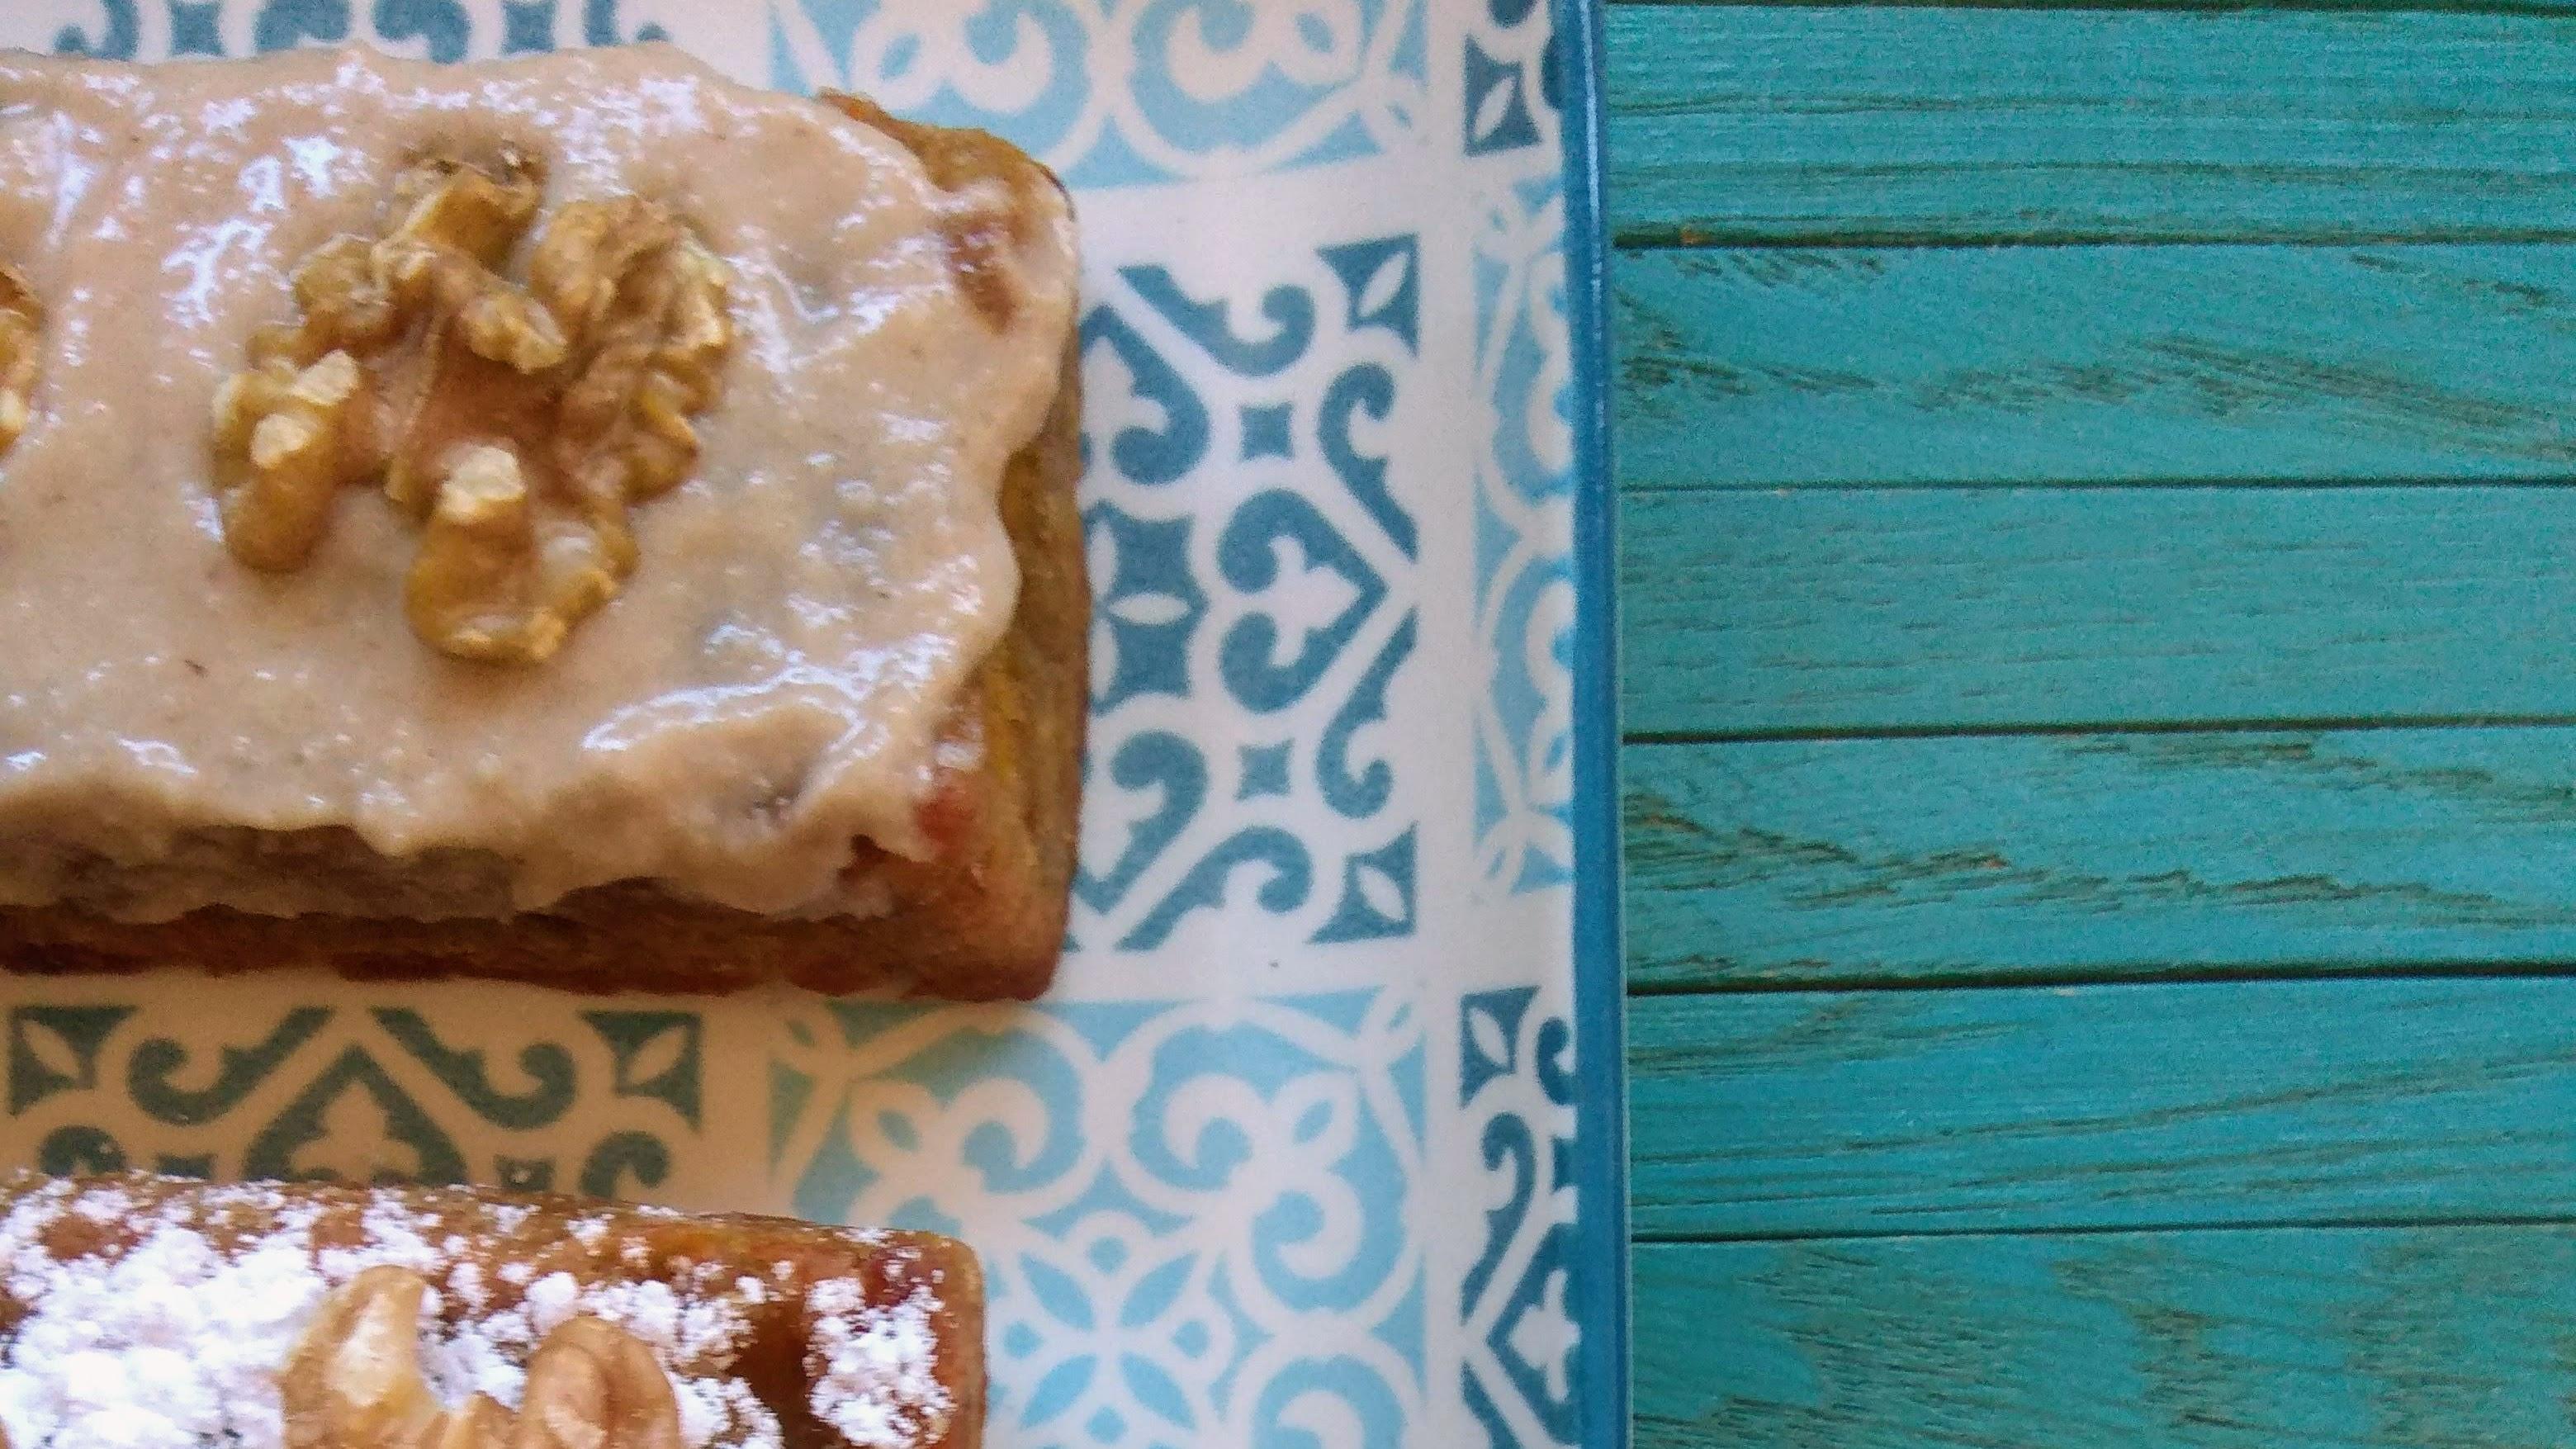 Receta: Bizcocho de boniato y manzana (vegano). Descúbrela en: www.cocinandoconlola.com